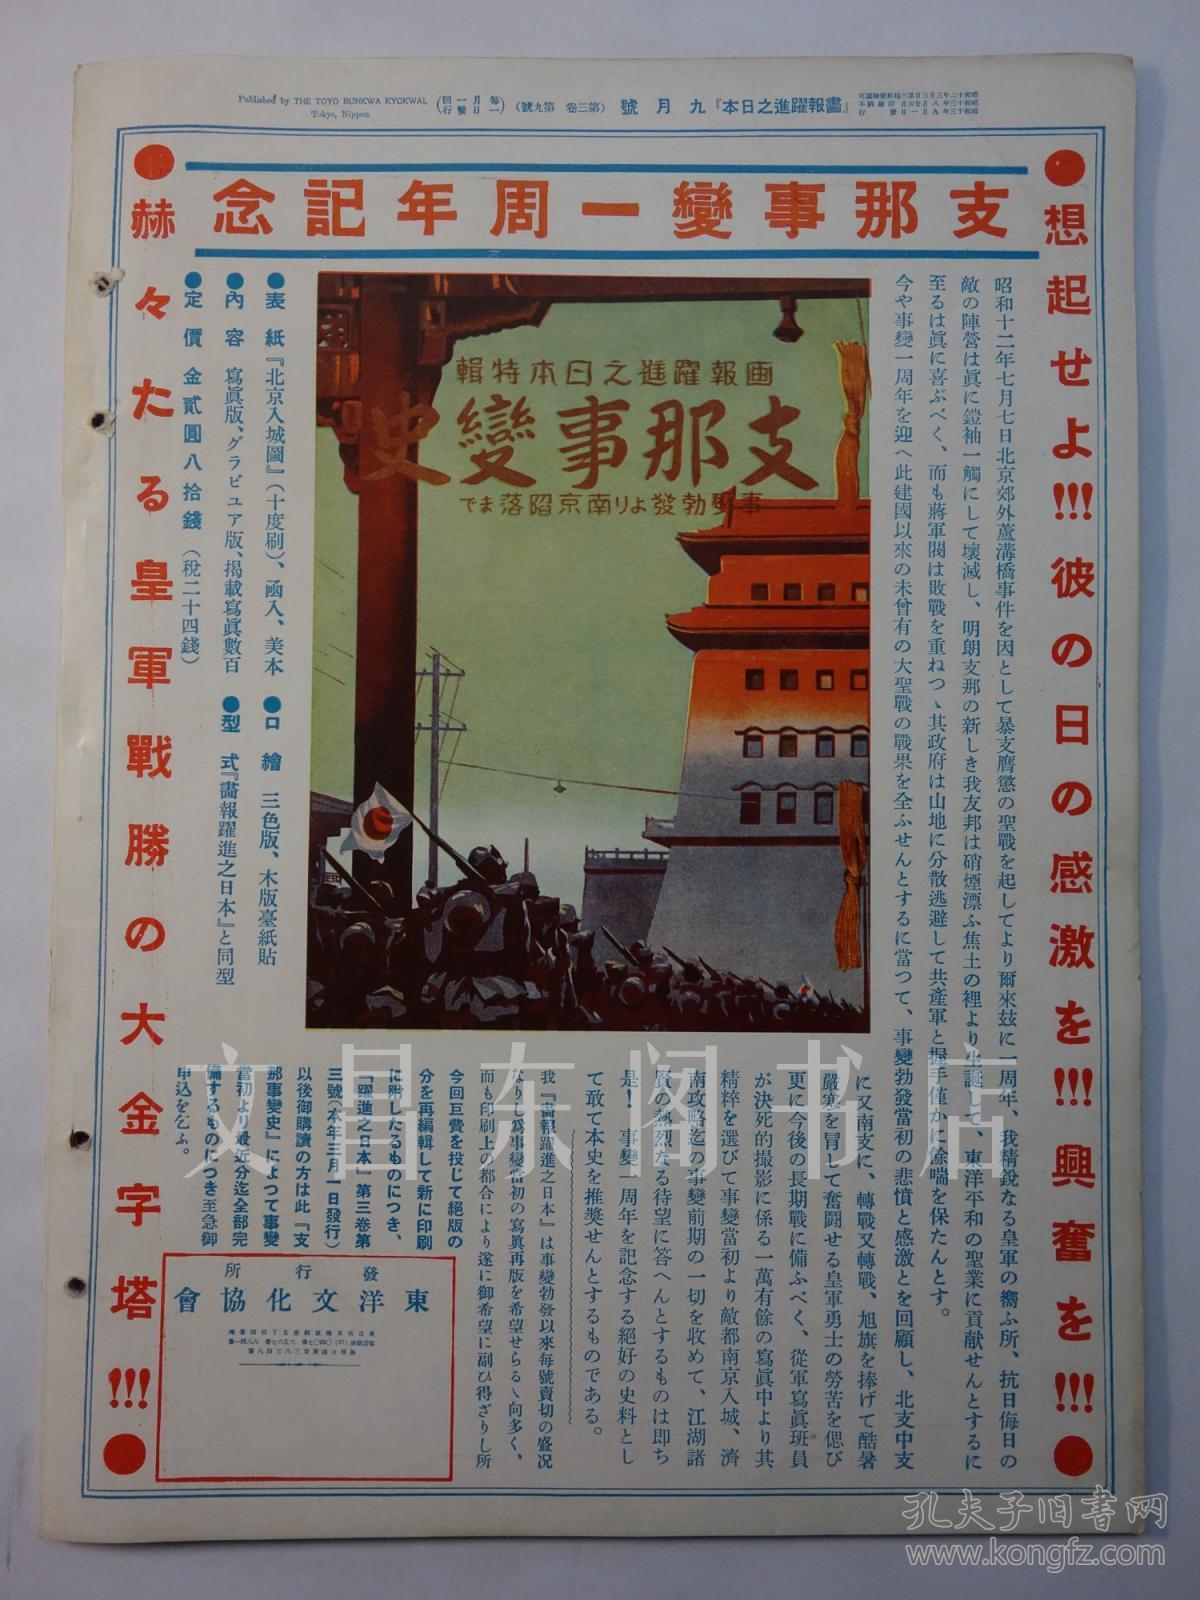 民国时期1938年9月《攻略跃进之山西》日本第六扇门风云画报泰山图片